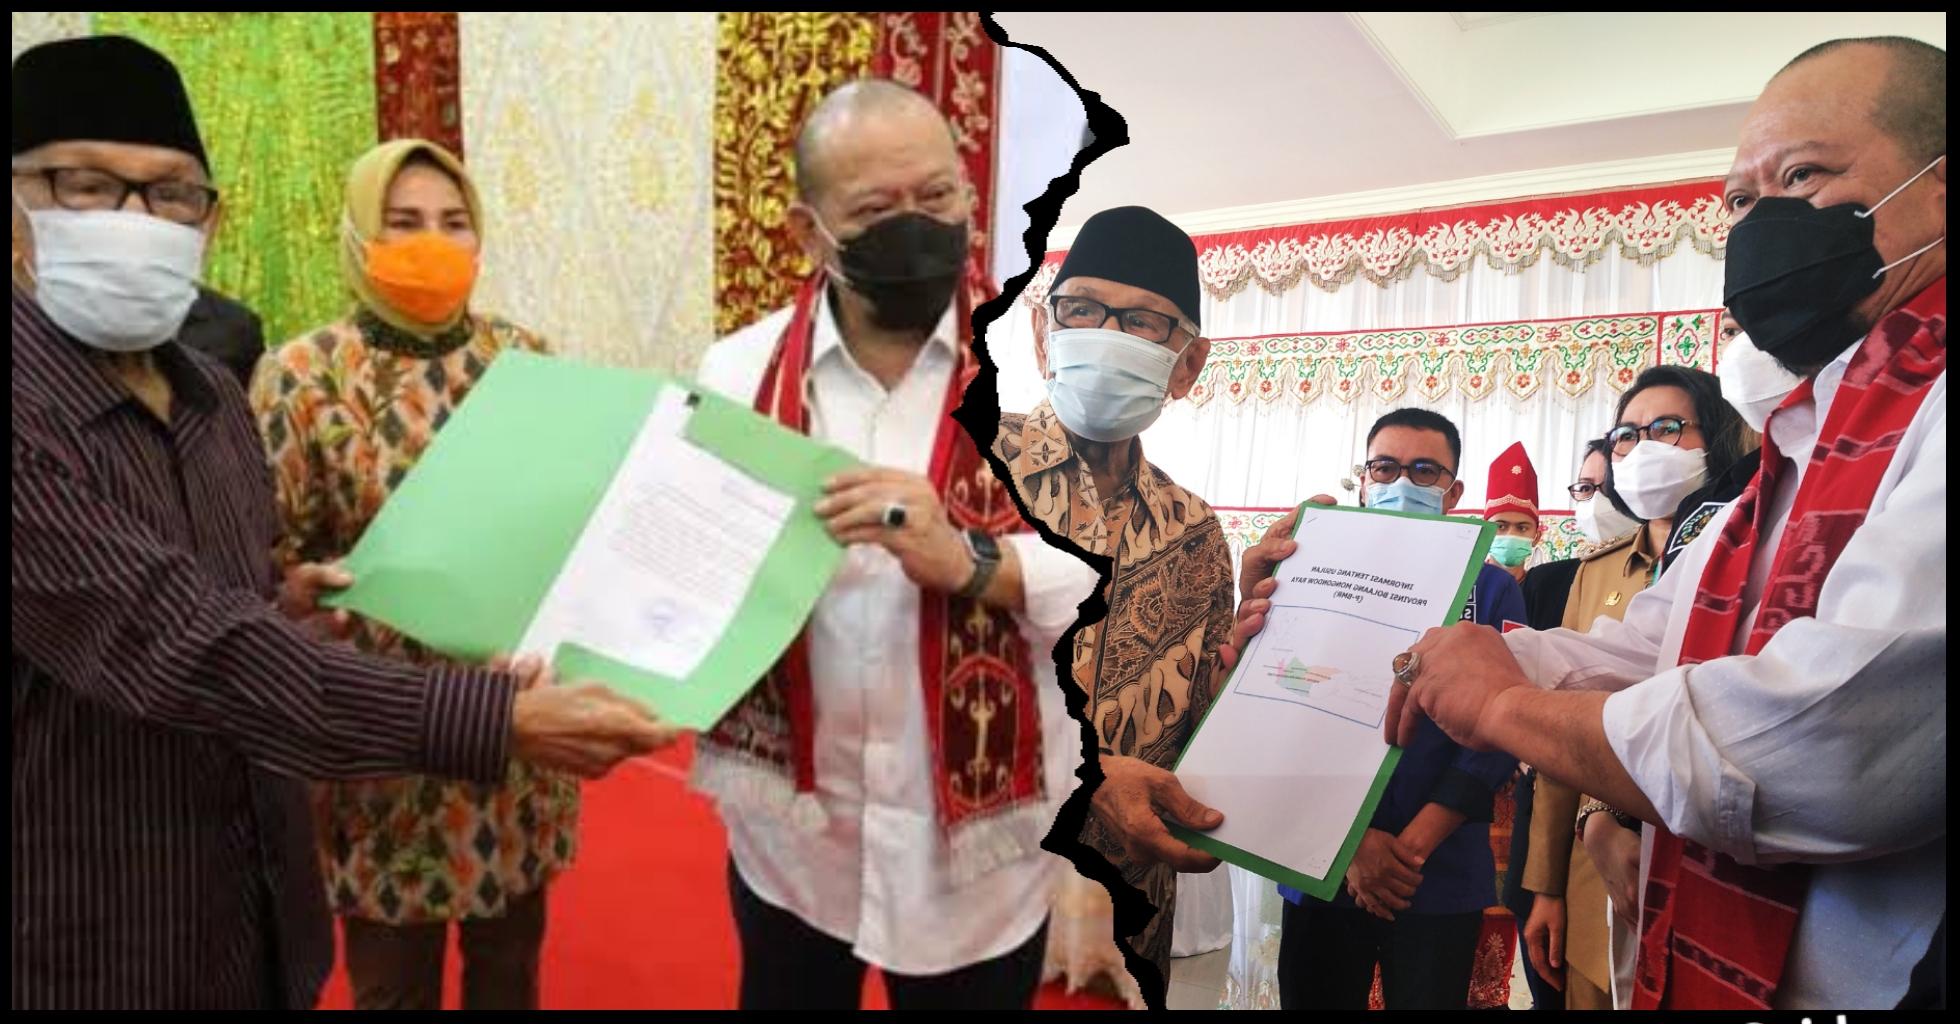 Wali Kota Kotamobagu dan Bupati Bolmong bersama Ketua Presidium Pemekaran Provinsi BMR saat menyerahkan dokumen pemekaran Provinsi BMR kepada Ketua DPD RI saat kunjungannya ke wilayah BMR beberapa waktu lalu.